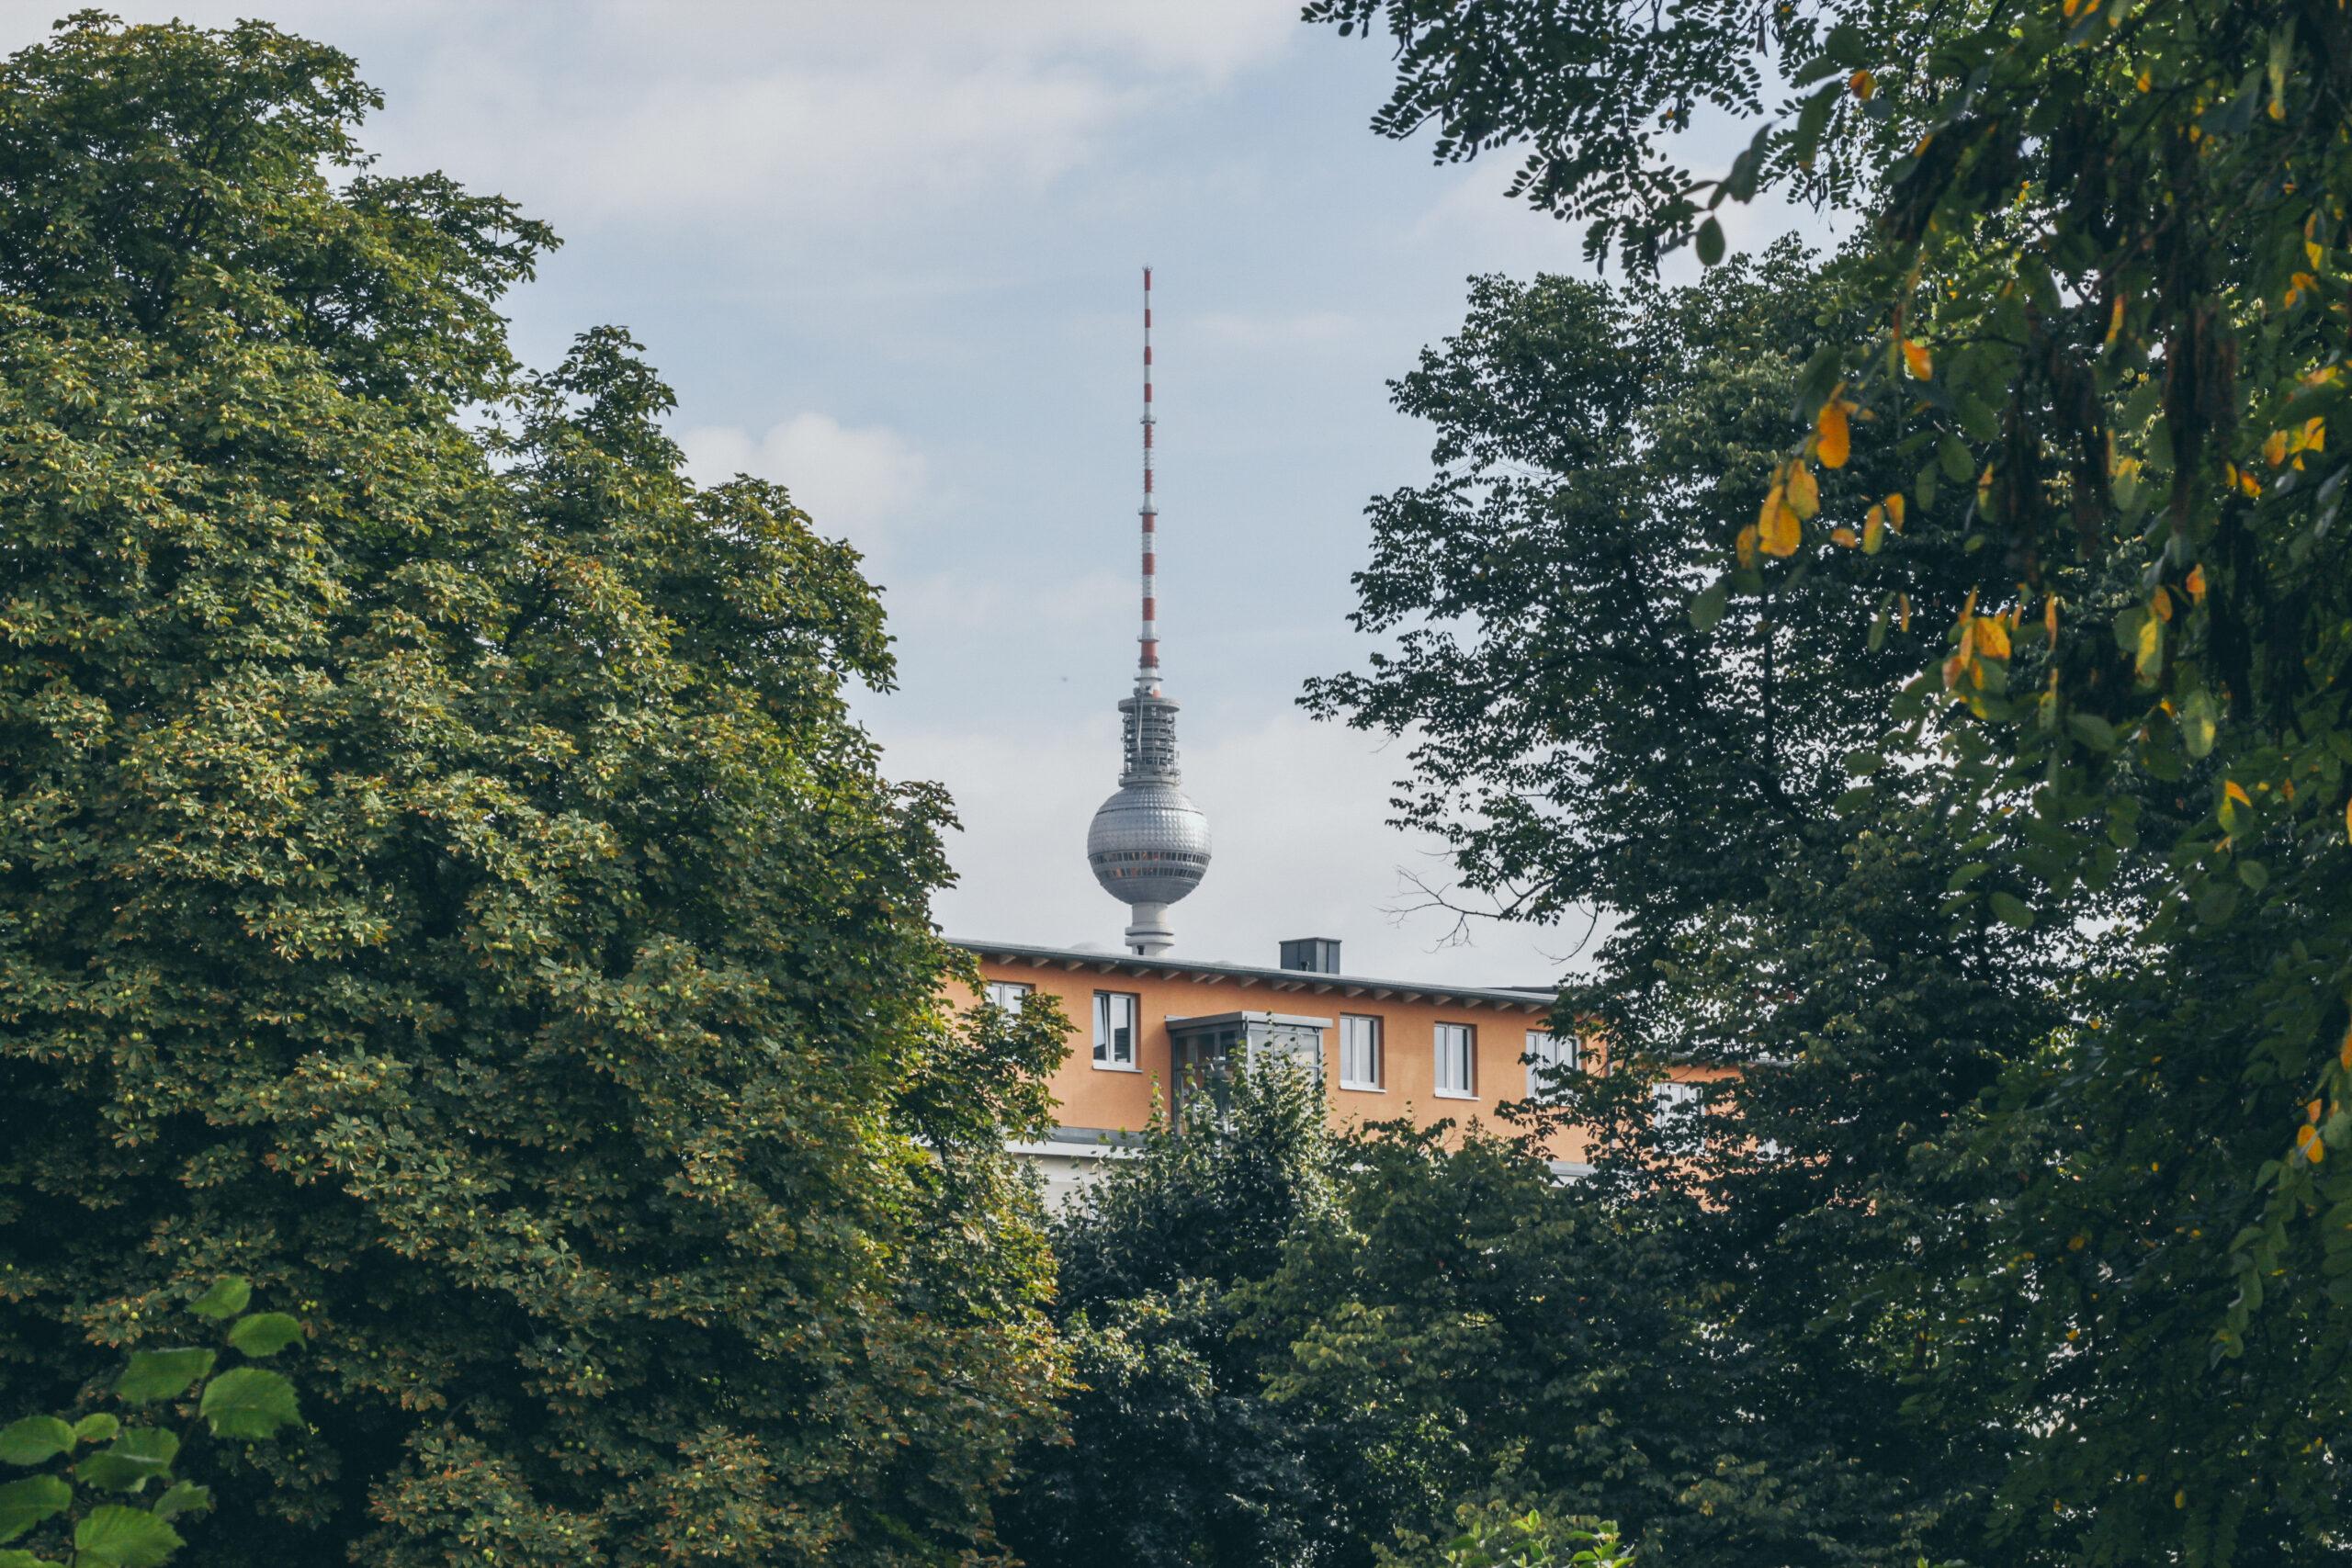 talque-fernsehturm-berlin